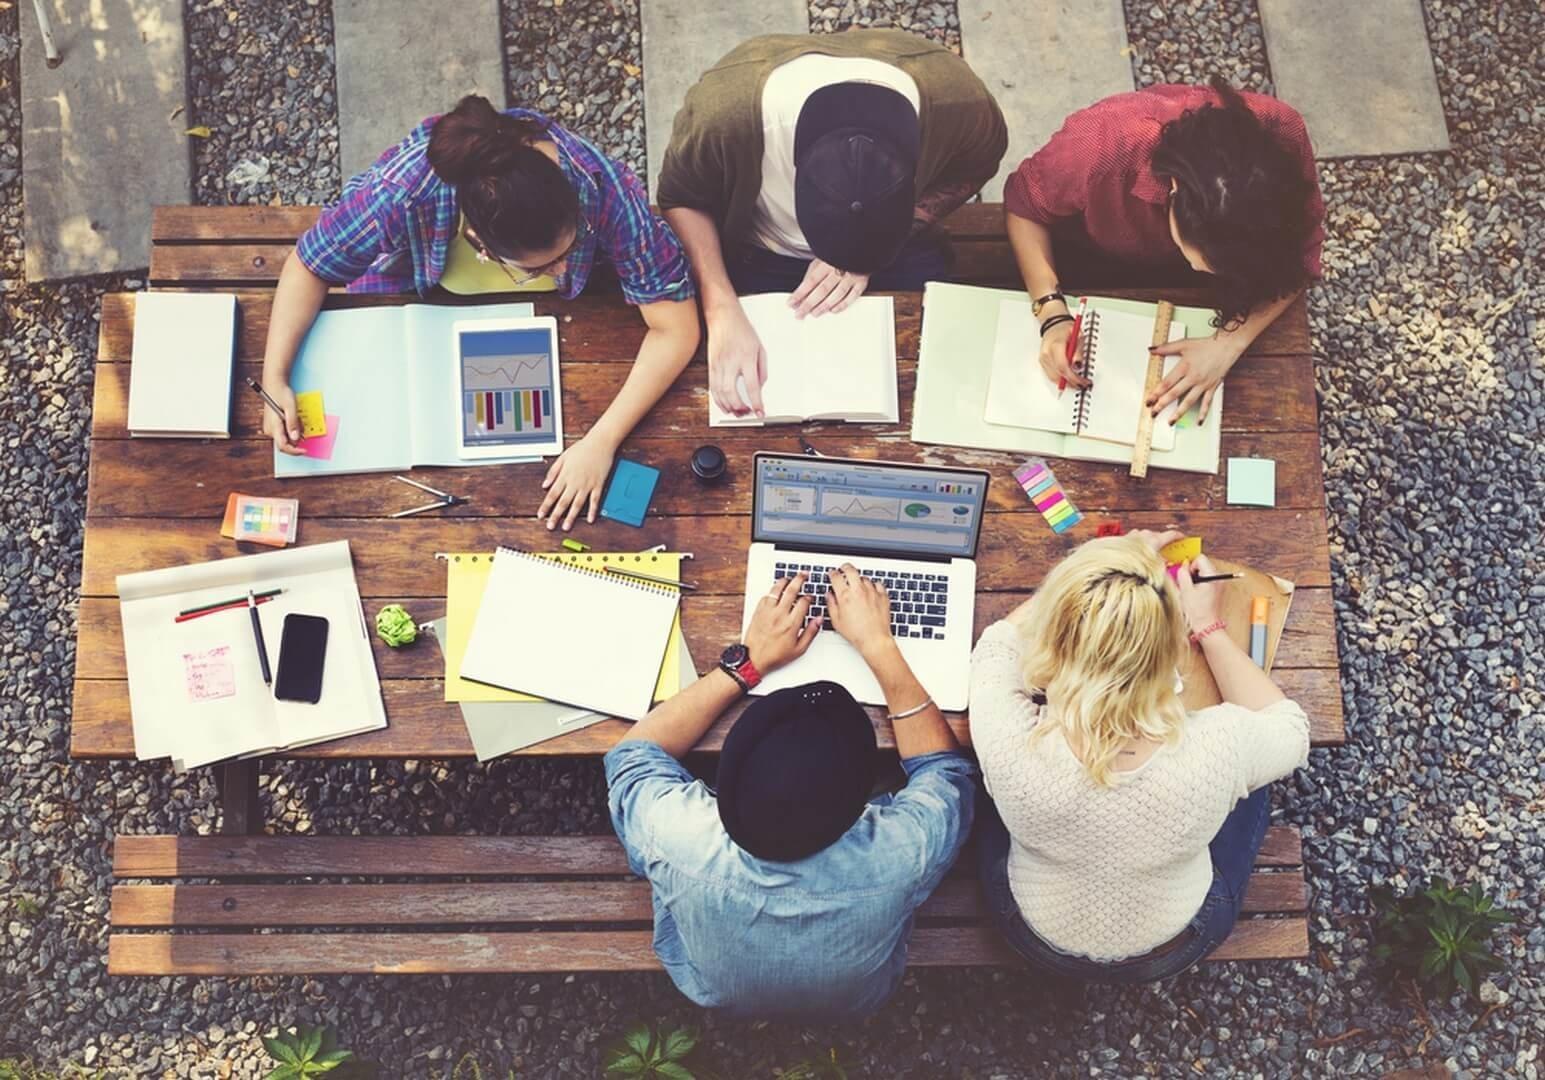 סטודנטים לומדים ביחד